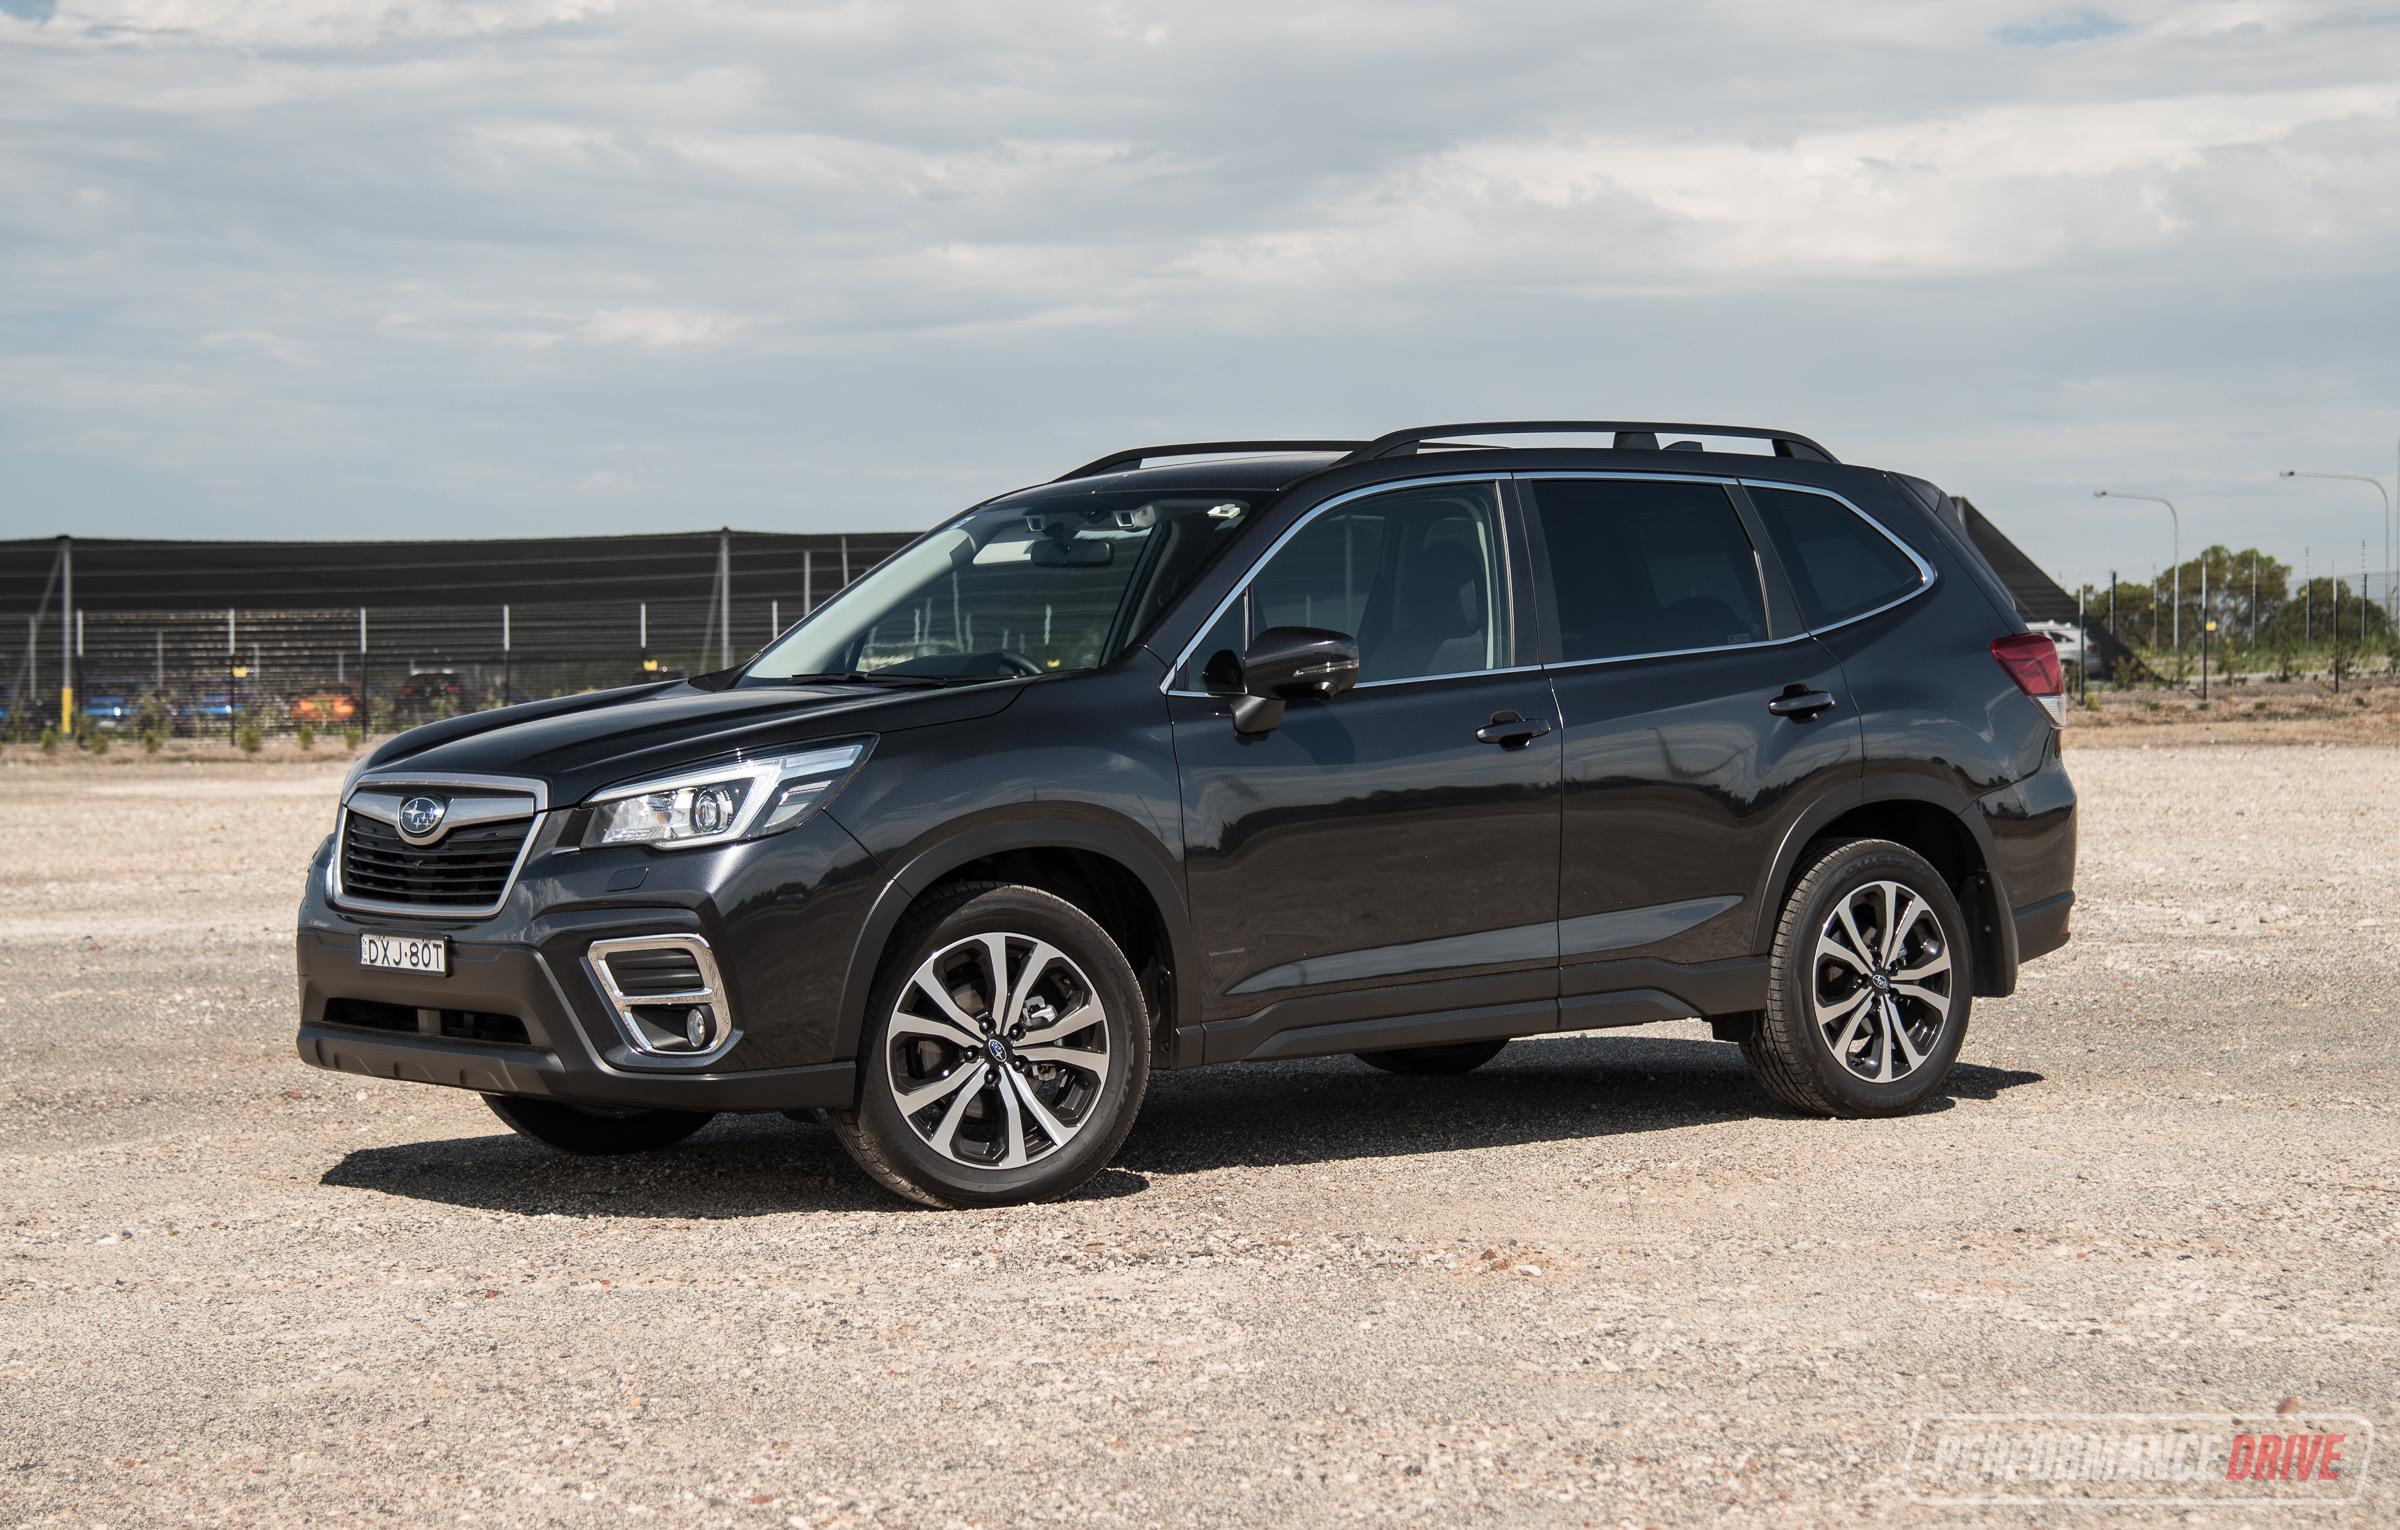 2019 Subaru Forester Review 2 5i 2 5i Premium Video